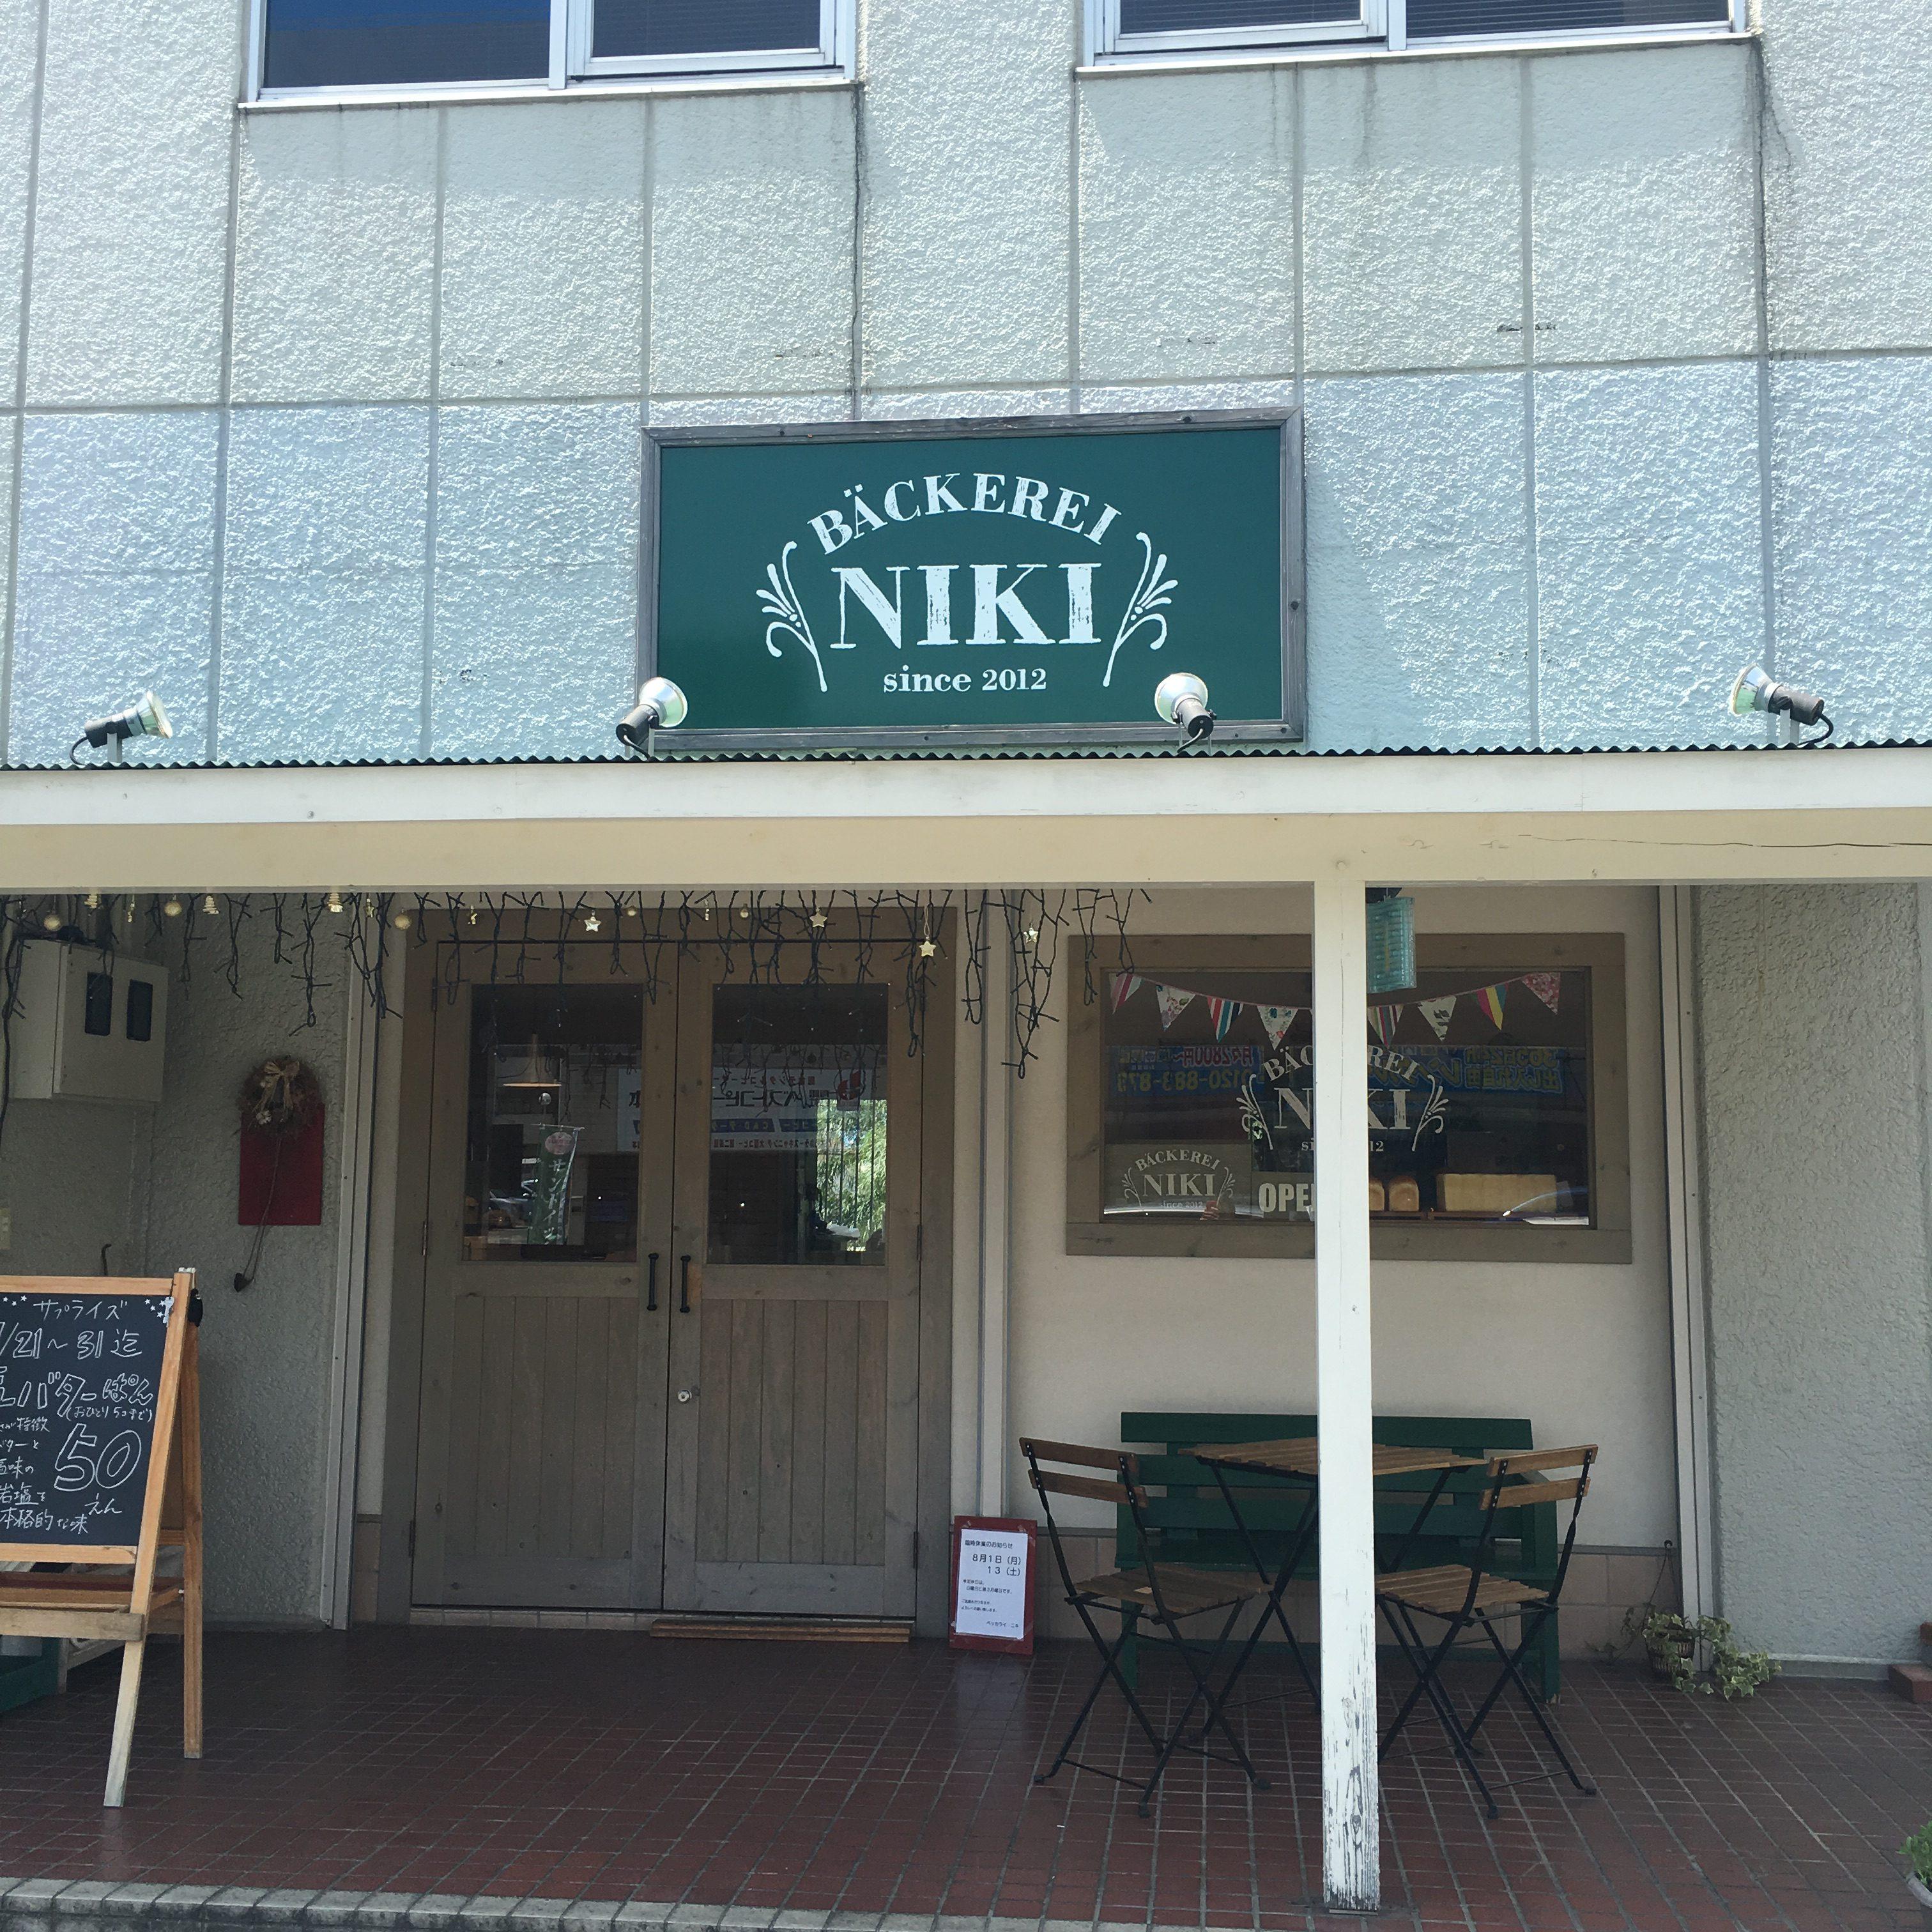 【ベッカライニキ】熊本保田窪にある可愛いパン屋さん!塩パンもあるよ